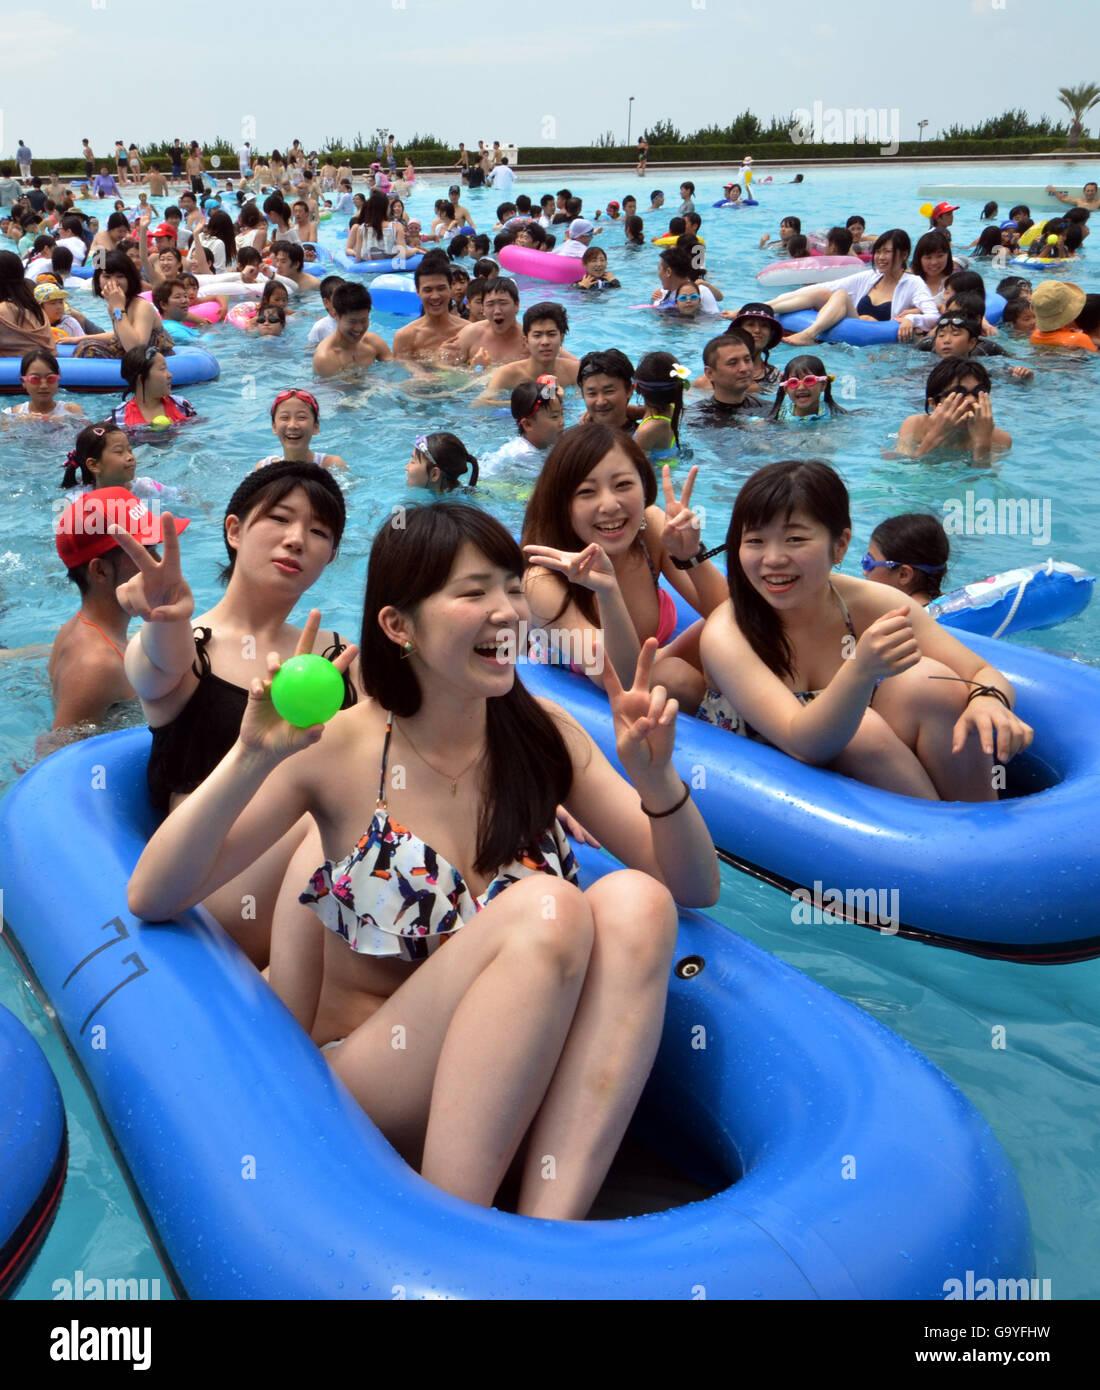 Tokyo People Summer